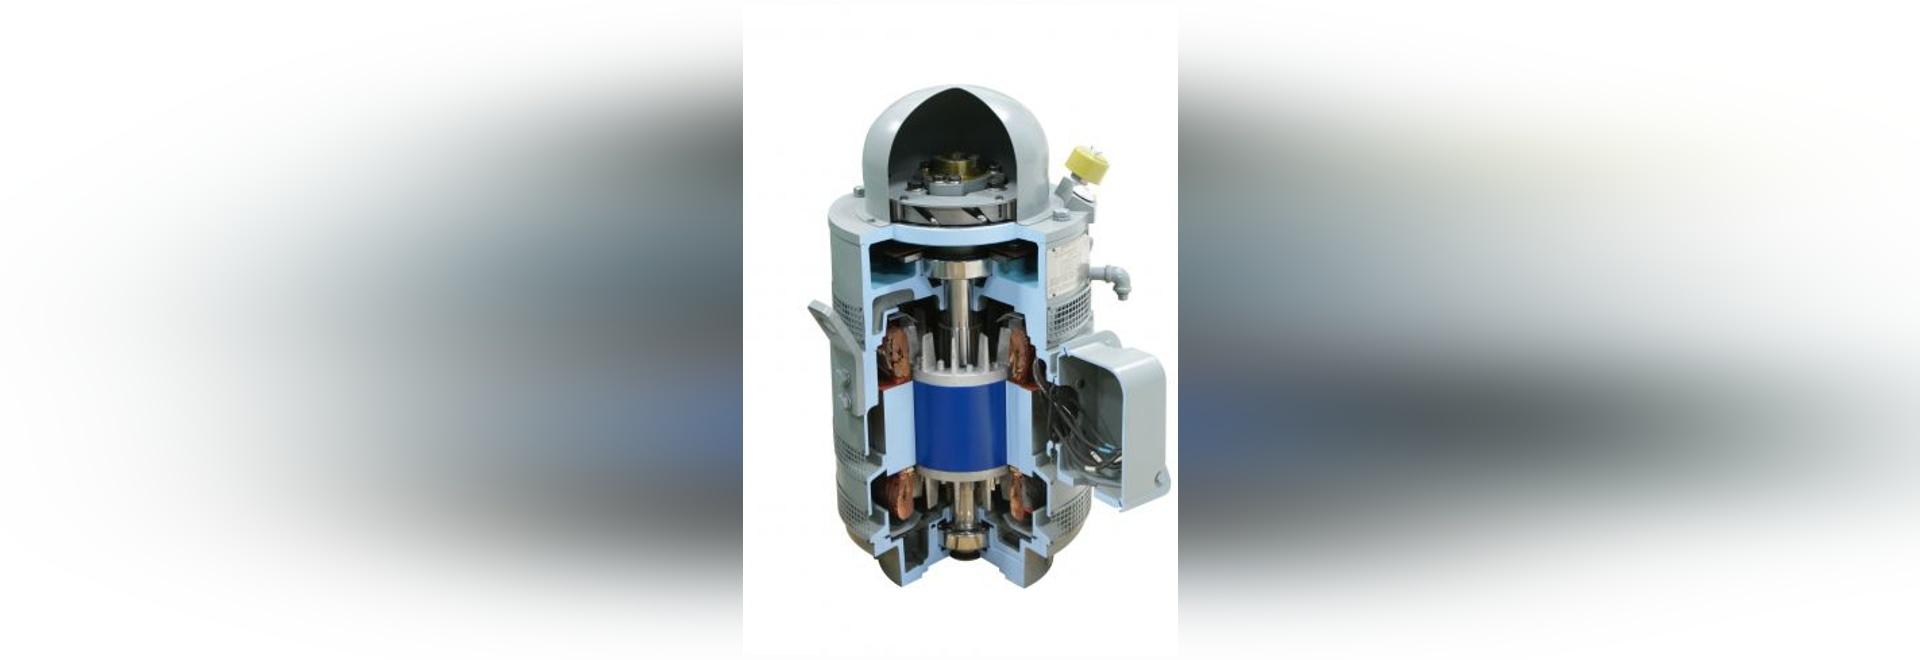 NEW: pump motor by GE Motors